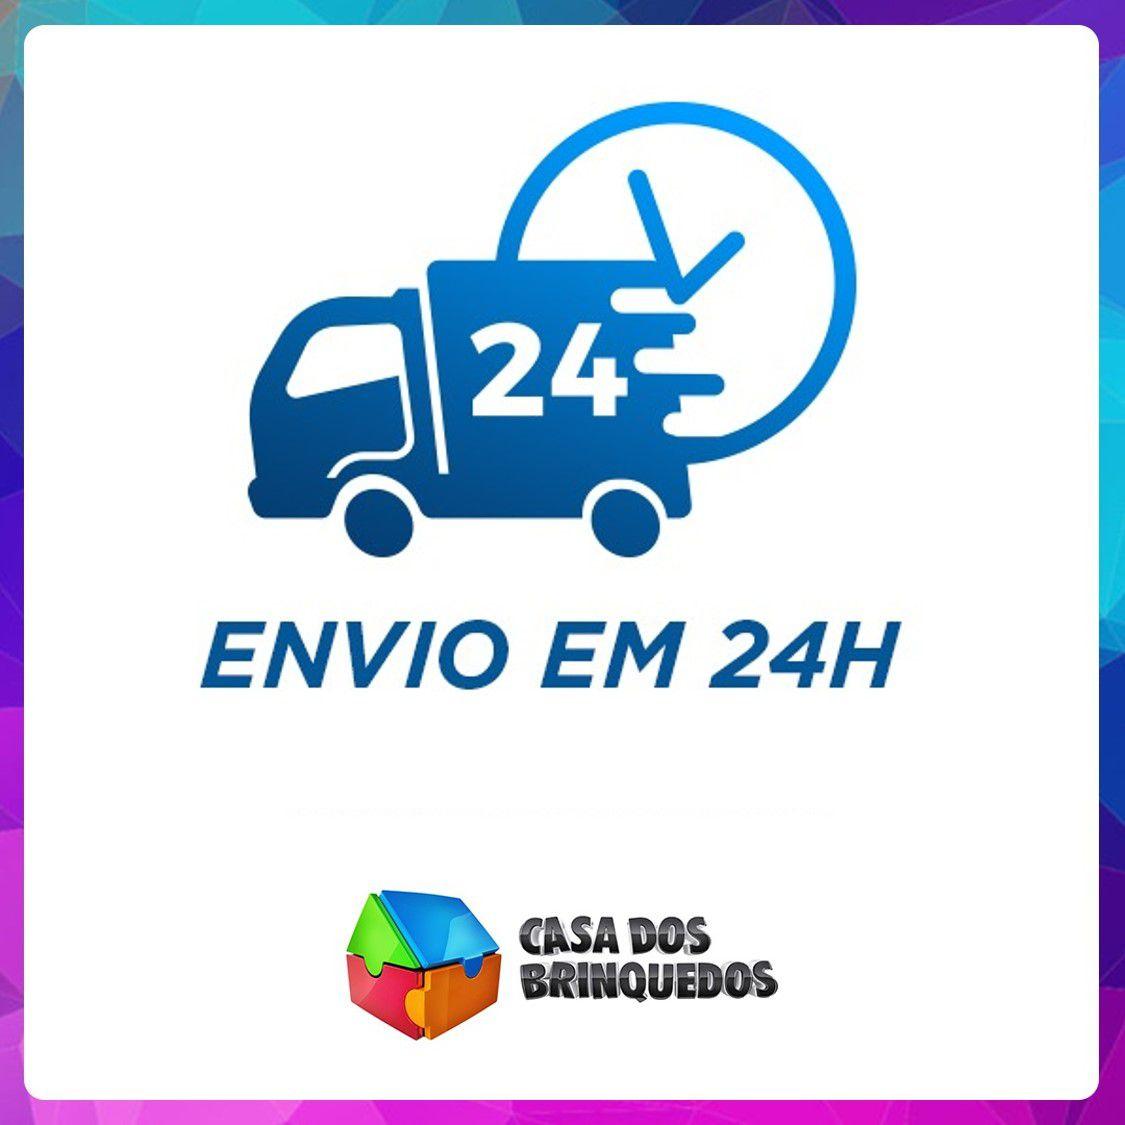 BONECO DE VINIL MINION MEU MALVADO FAVORITO KEVIN 2788 LIDER